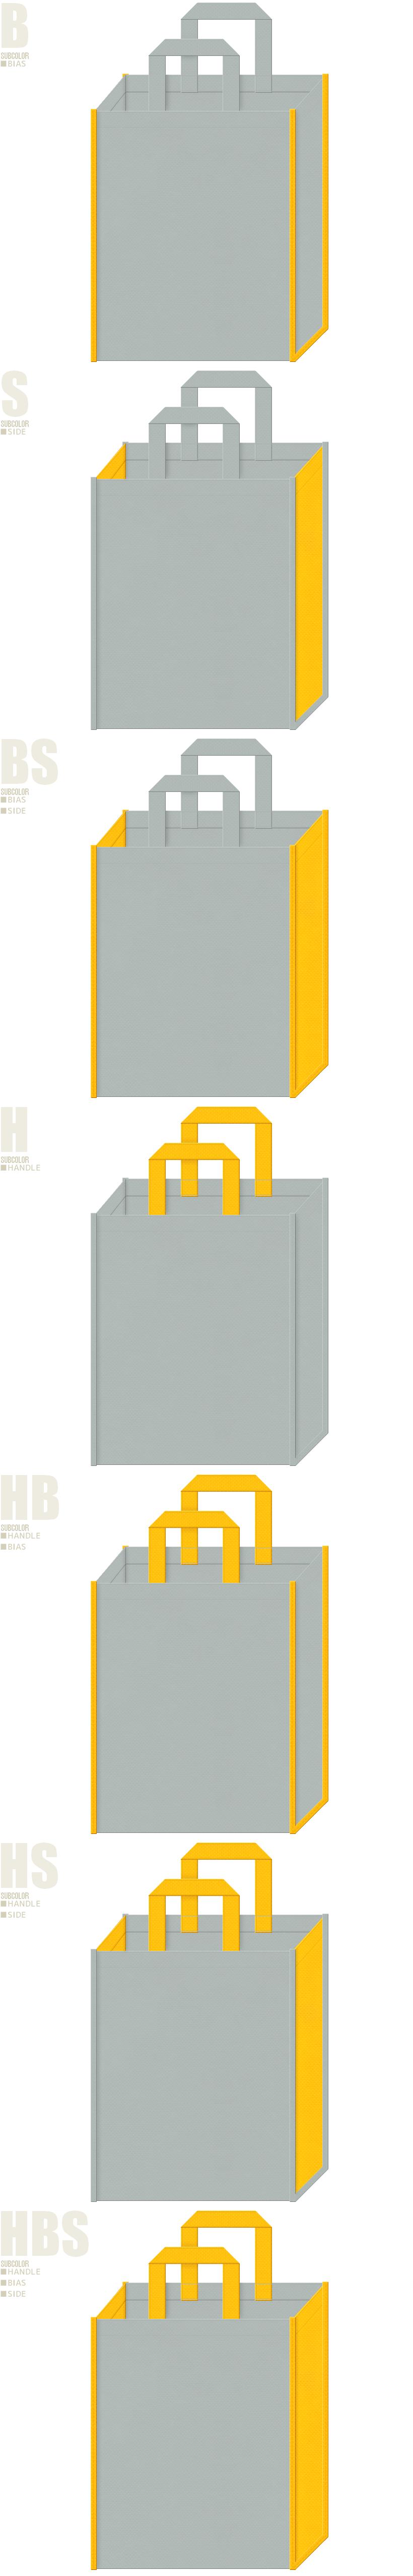 グレー色と黄色-7パターンの不織布トートバッグ配色デザイン例